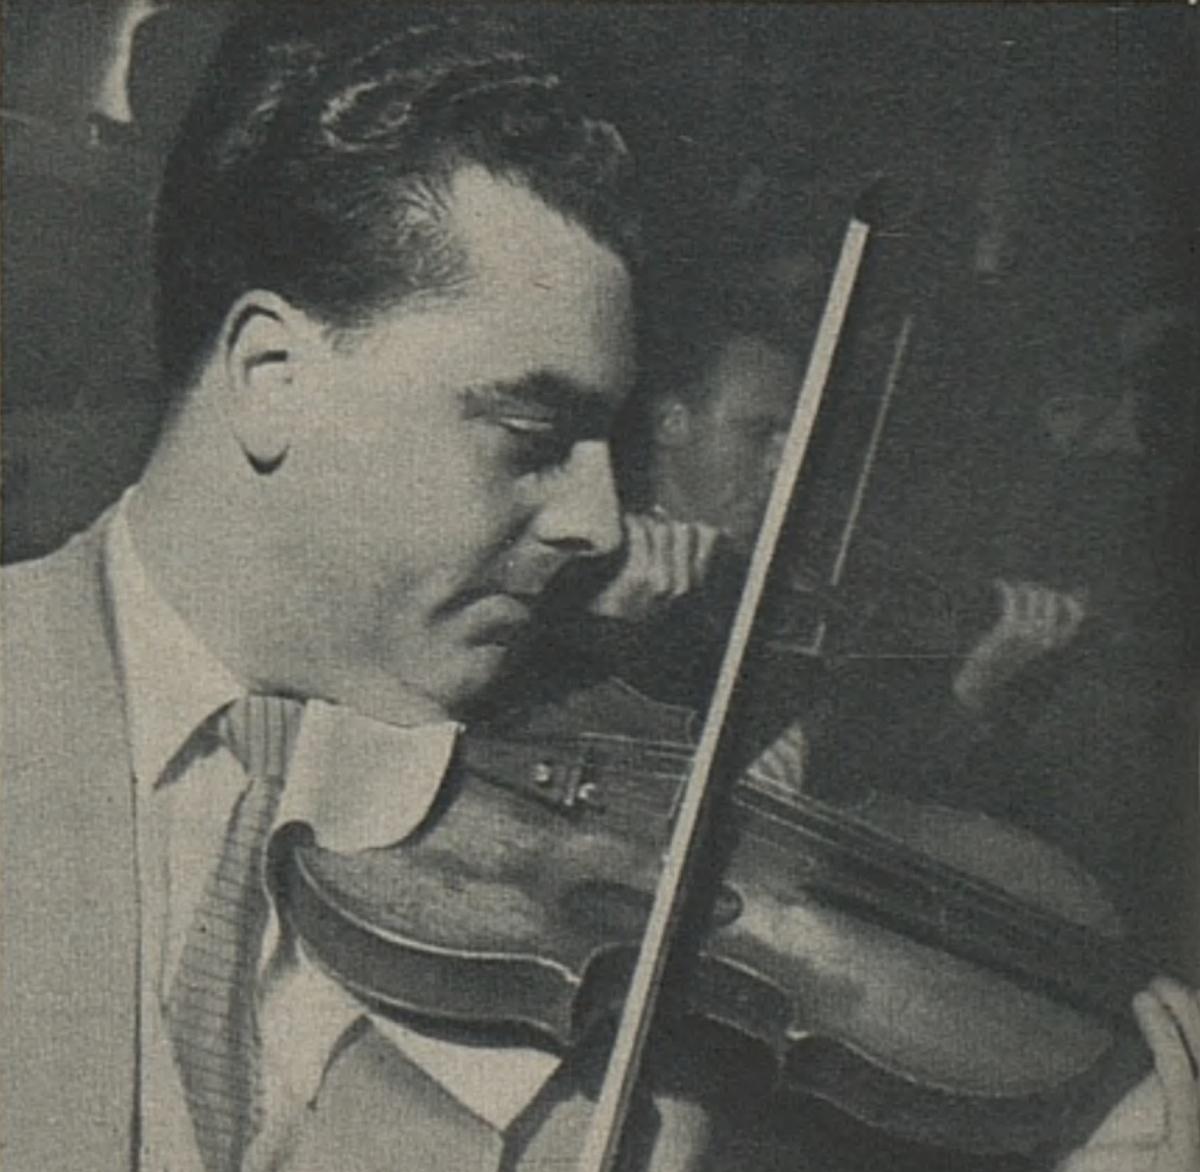 Guido MOZZATO, un portrait fait par Photo Bertrand, publié dans L'Illustré du 26 octobre 1950, No 43, page 8, cliquer pour une vue agrandie